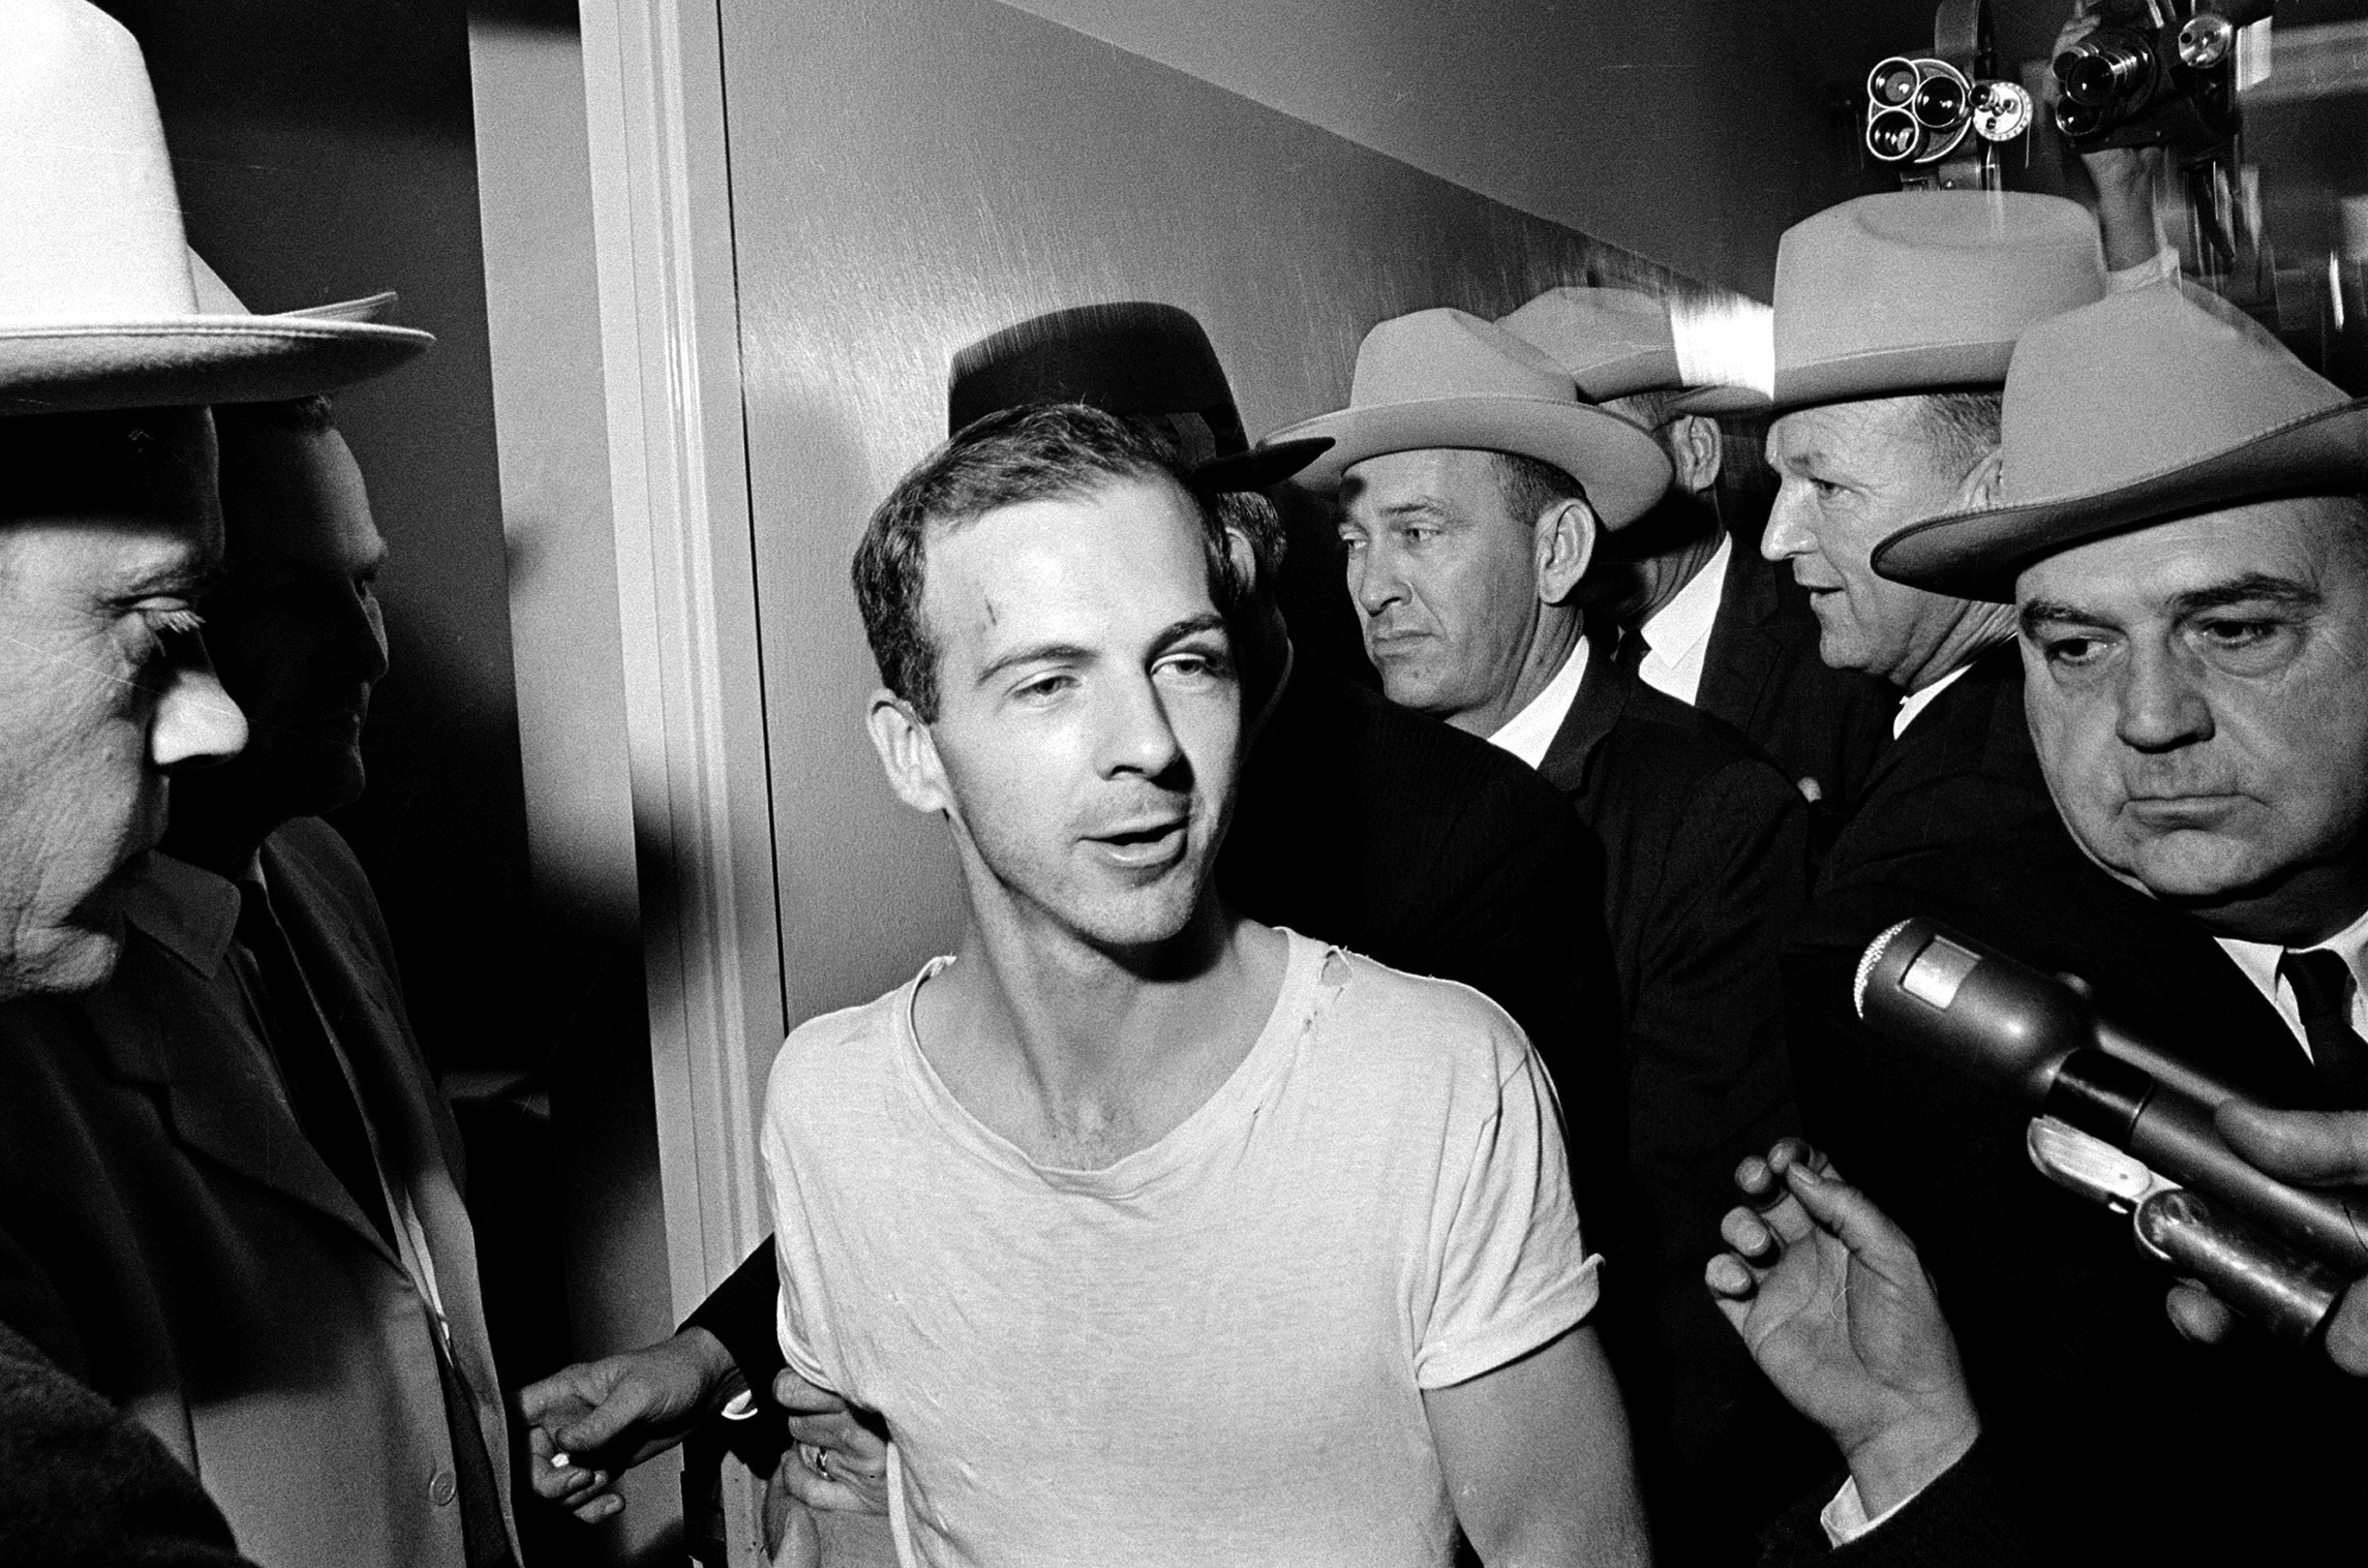 Lee Harvey Oswald, asesino del 35º presidente de EEUU, John F. Kennedy